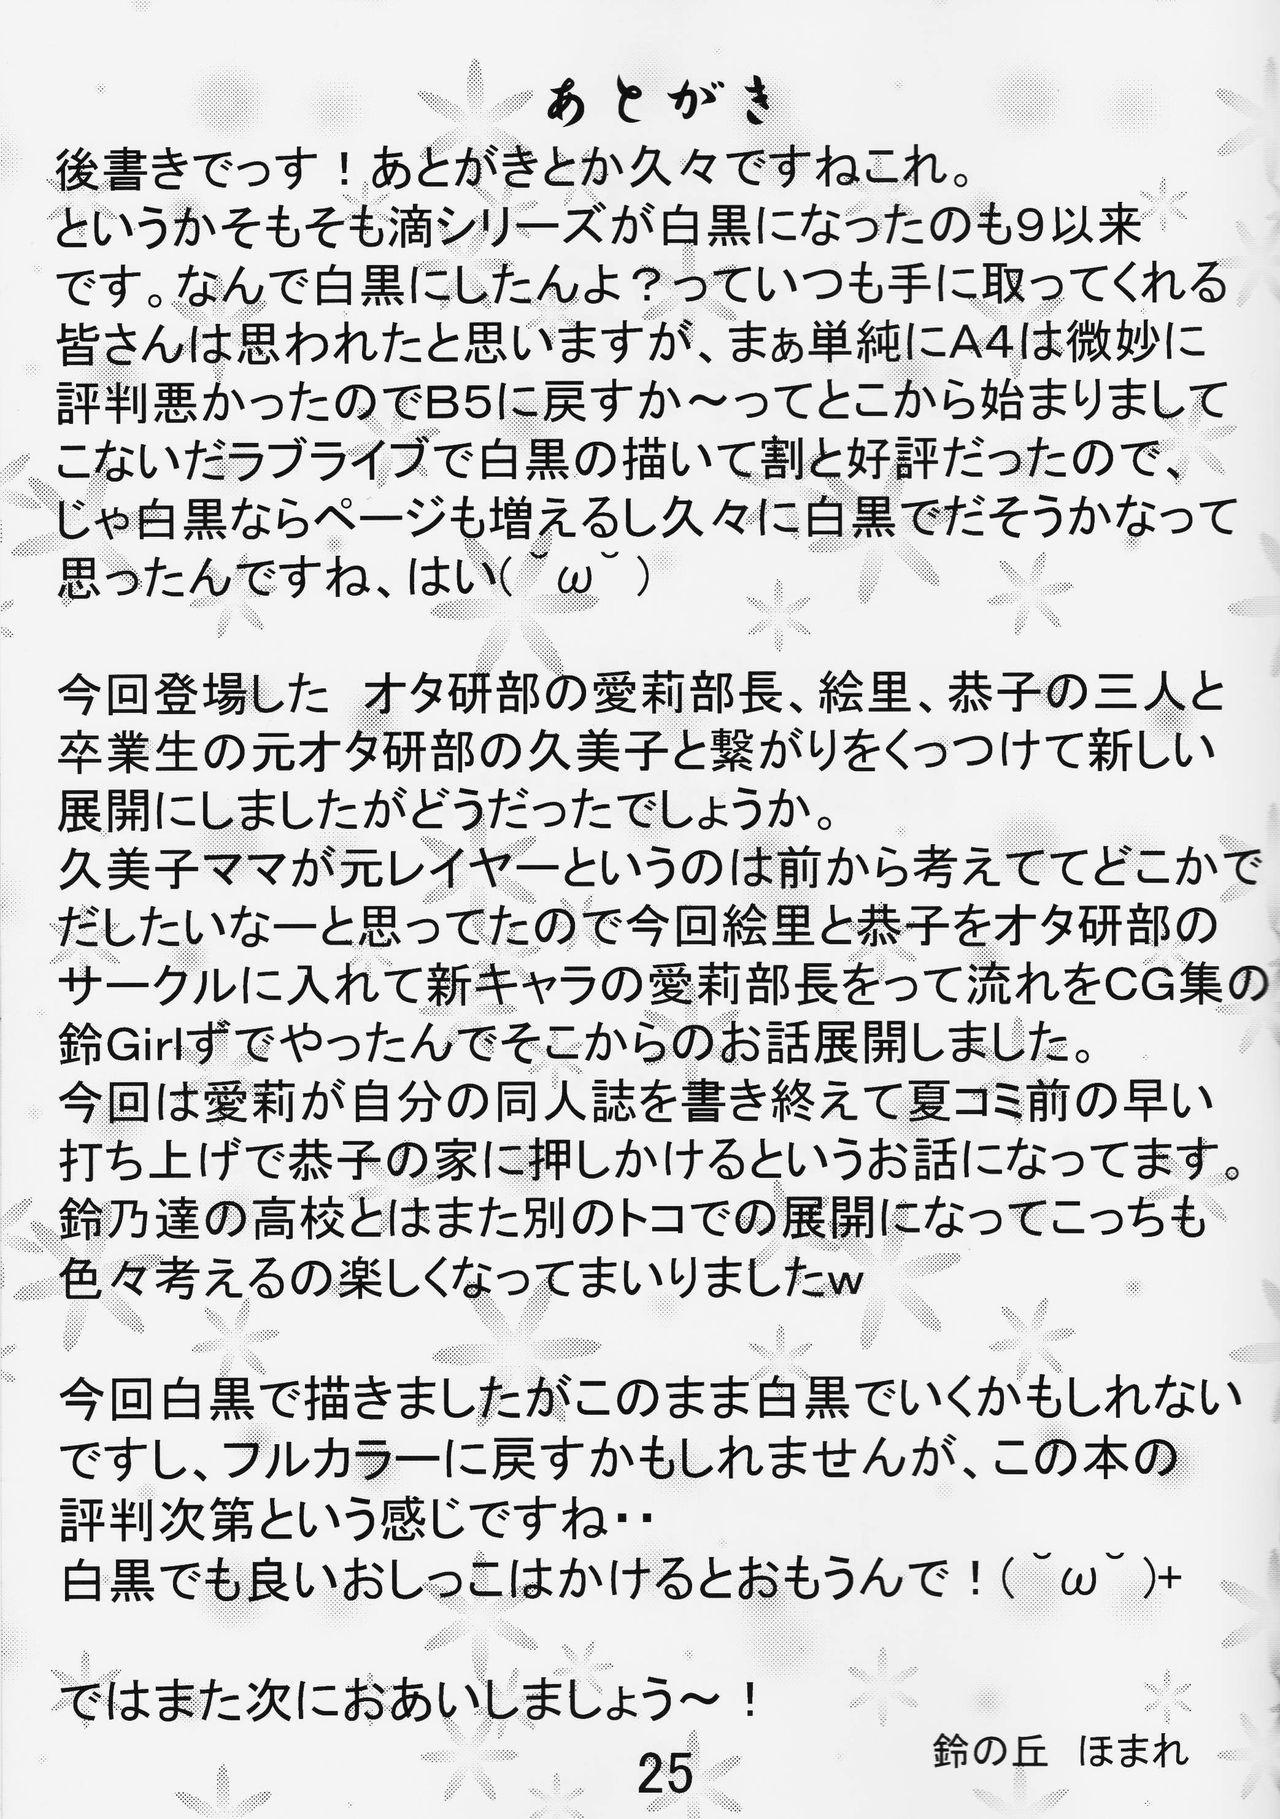 Suzu no Shizuku 18 23